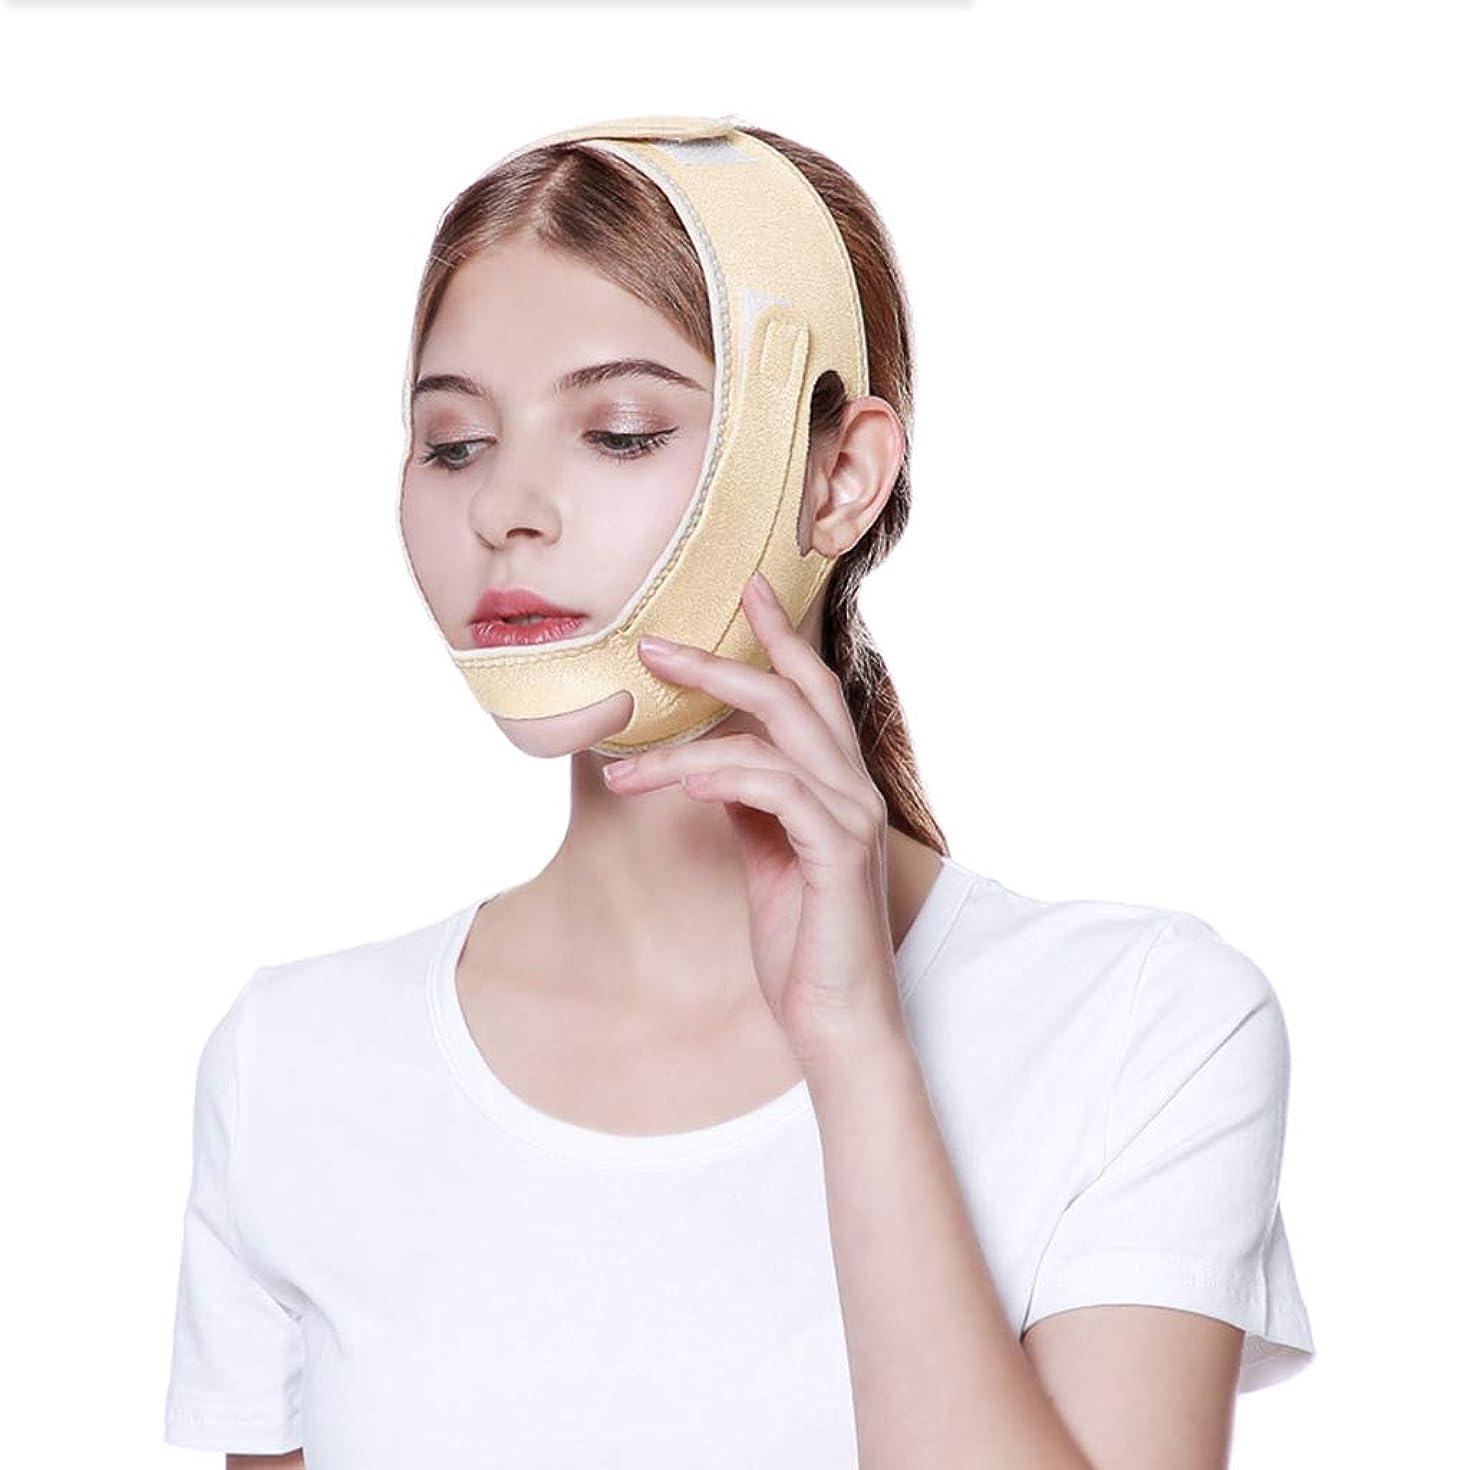 講義正確な変わる顔面重量損失顔包帯 v 顔楽器顔ツールマスクライン彫刻手術回復ヘッドギアダブルあご